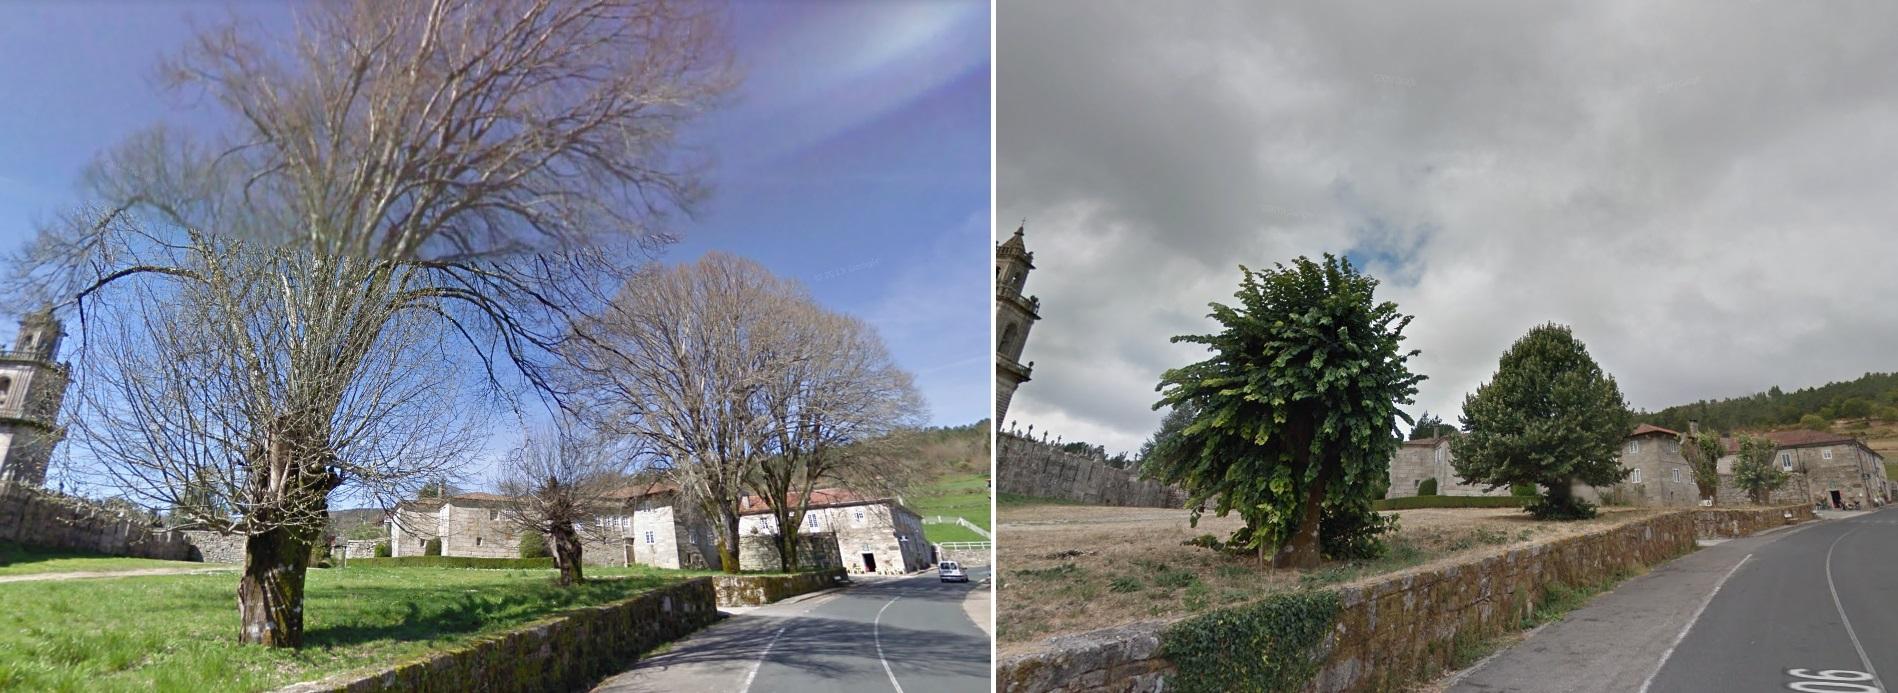 Imaxes de 2011 e 2013. Fonte: Google Street View.